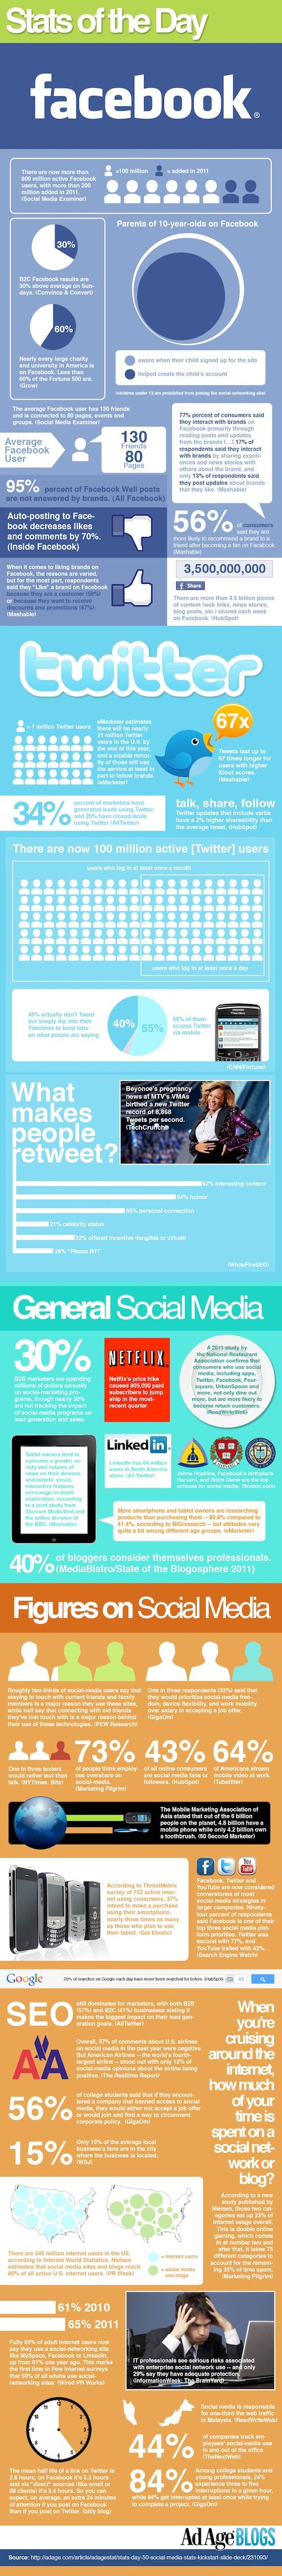 Les-derniers-chiffres-des-réseaux-sociaux